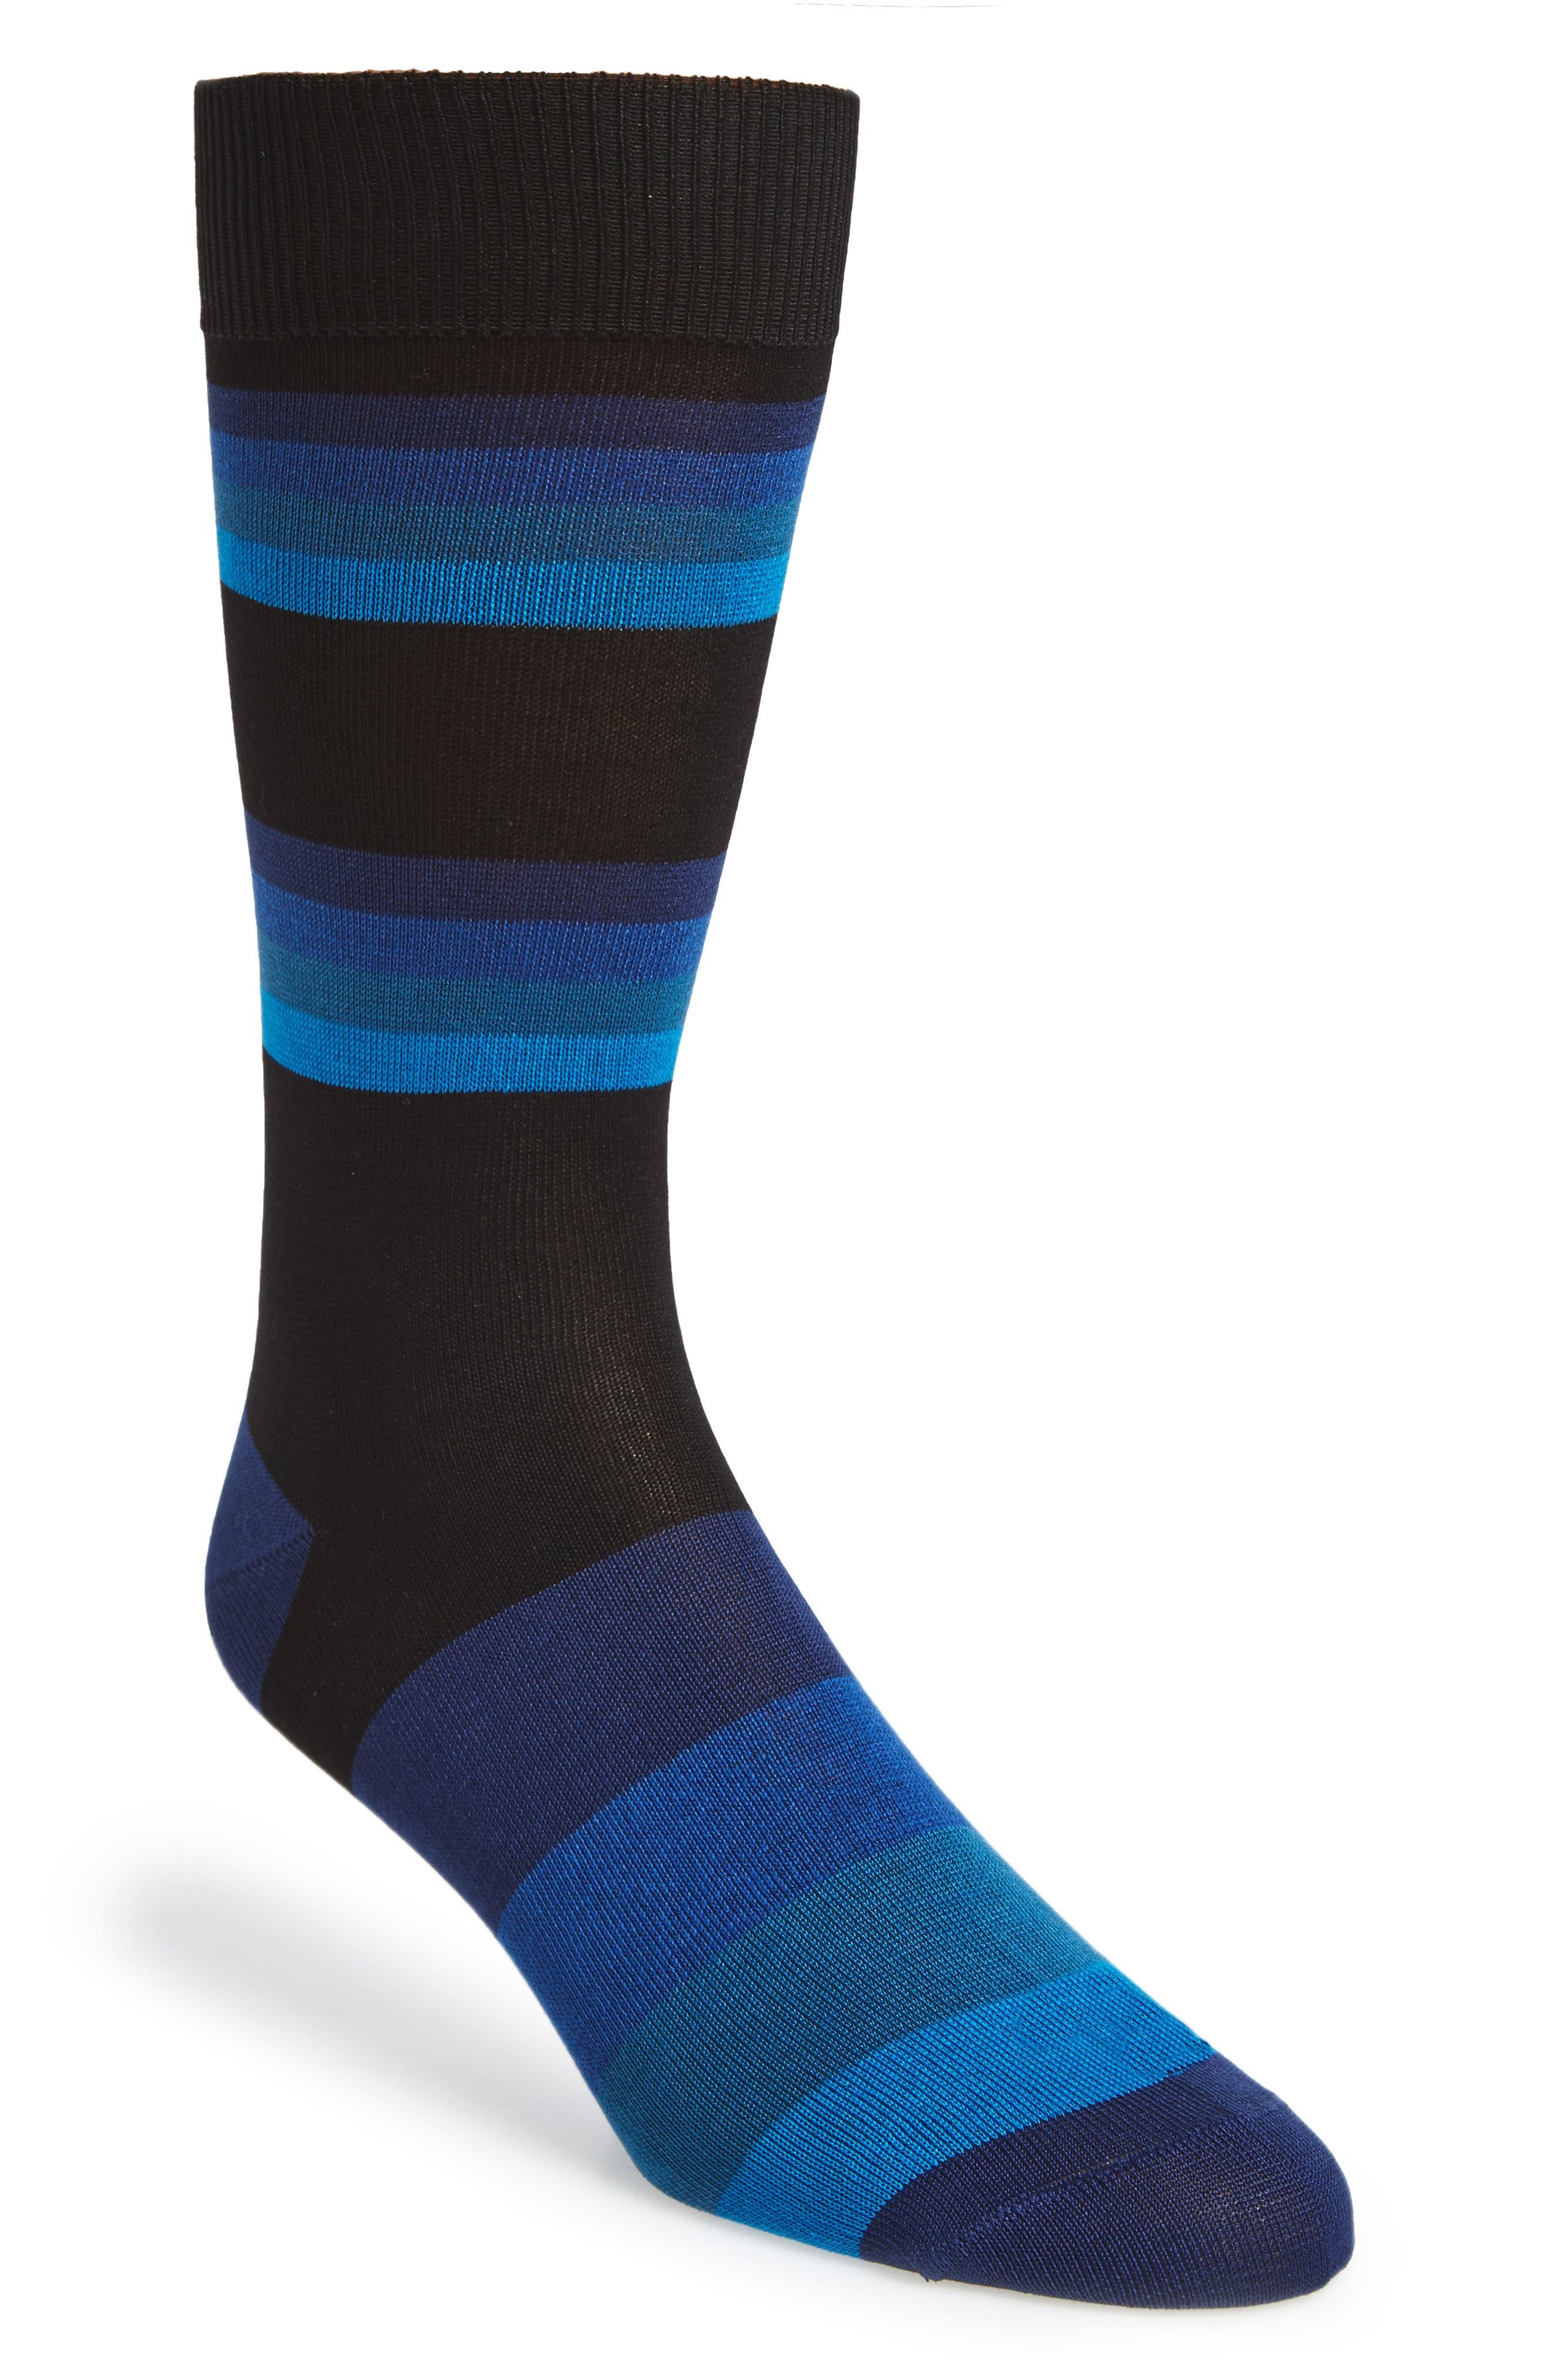 Paul Smith Boston Stripe Socks